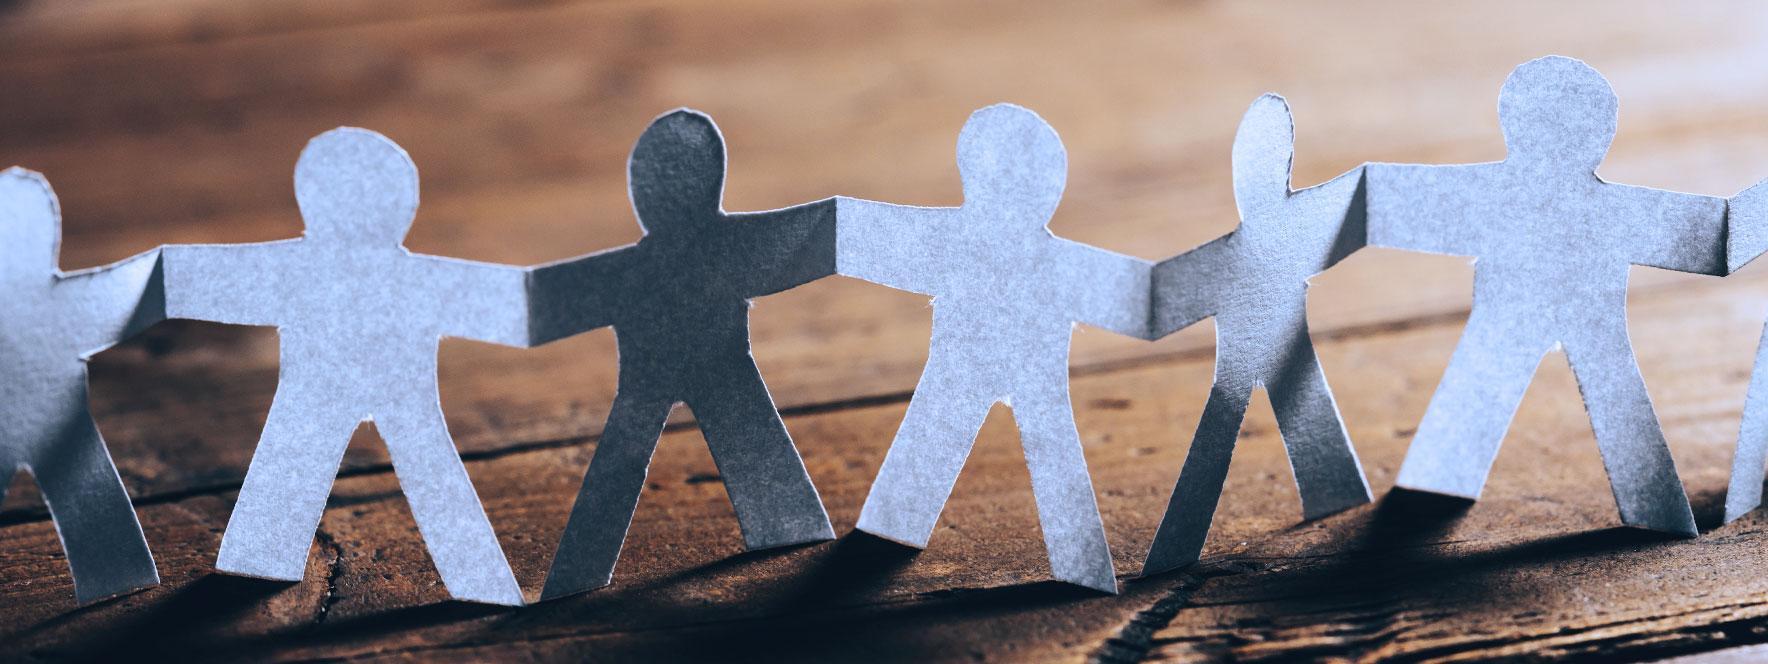 L'importance de créer des liens avec d'autres professionnels | Le Réseau